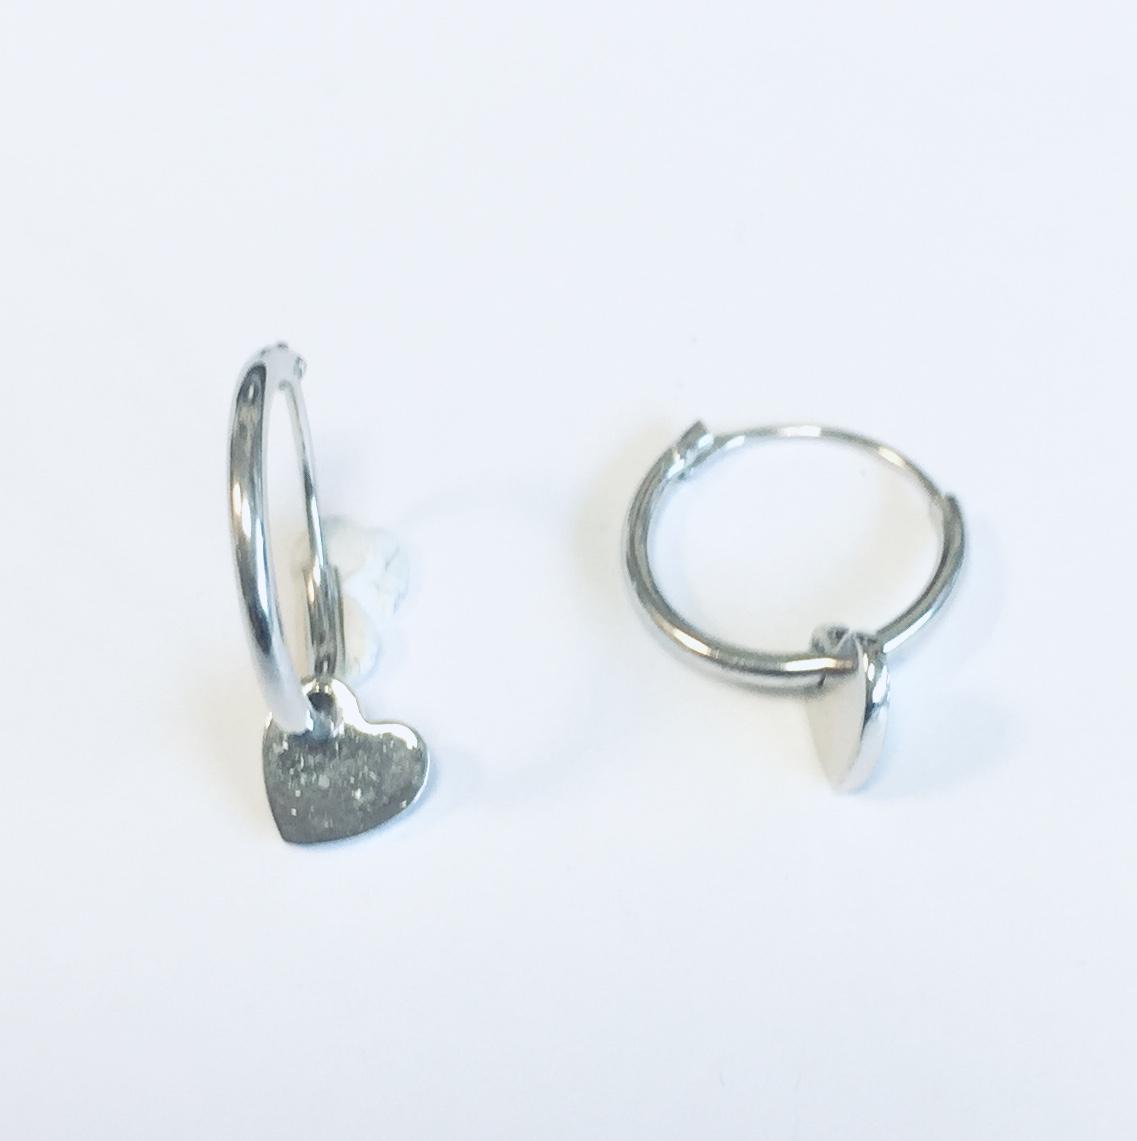 Øreringer i sølv 12Ø m/glatt hjerte